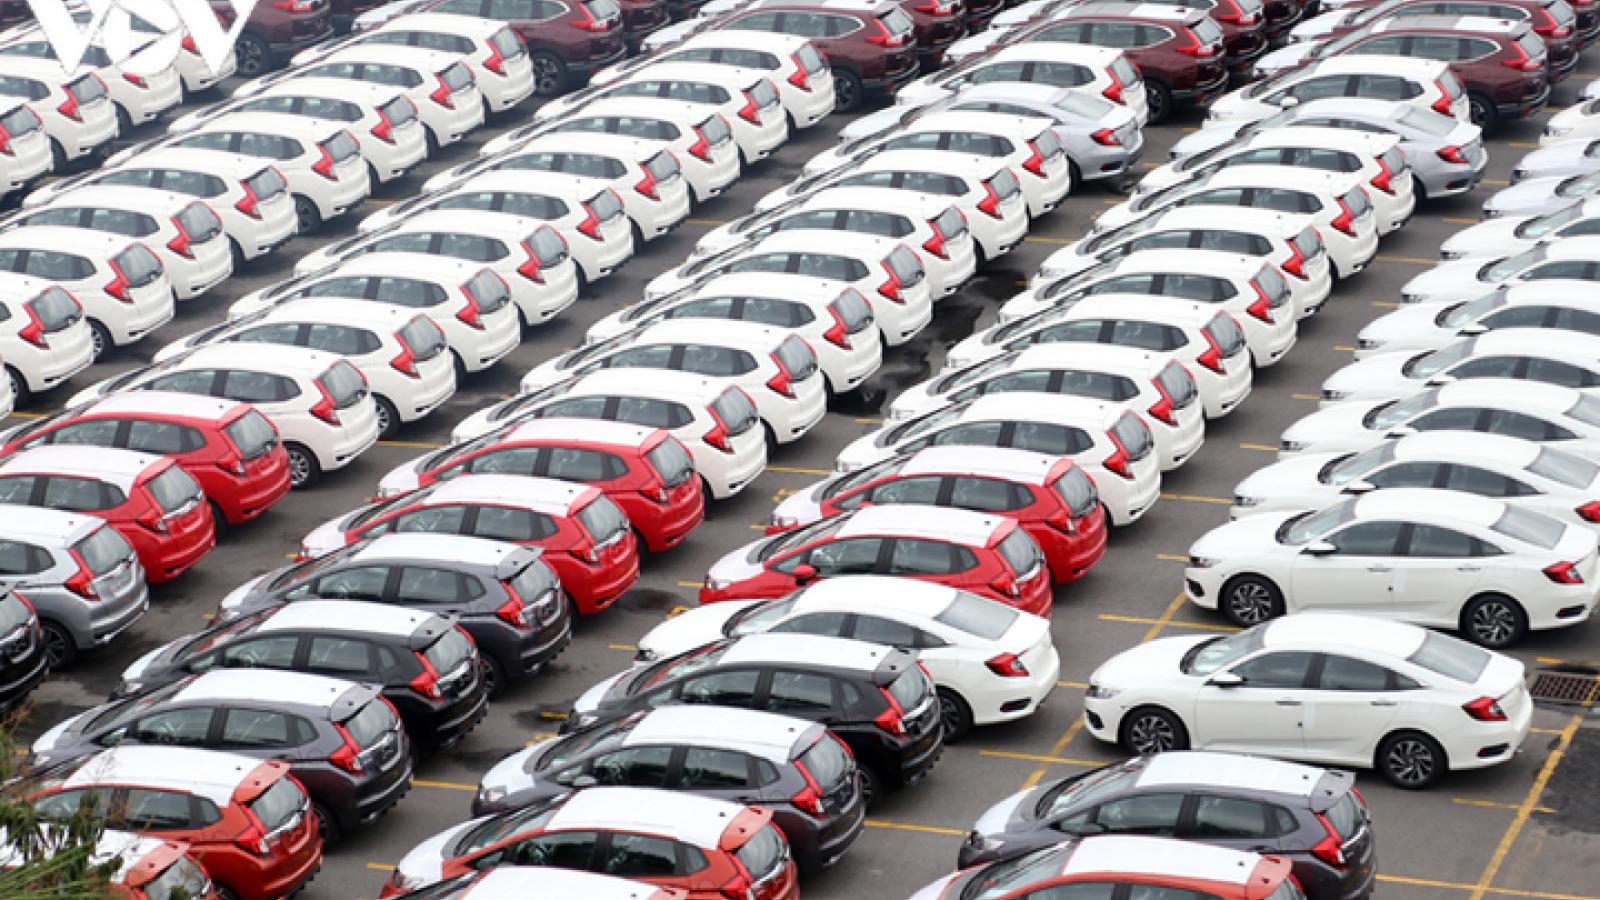 Ô tô nhập khẩu về Việt Nam vẫn tăng cao so với cùng kỳ 2020